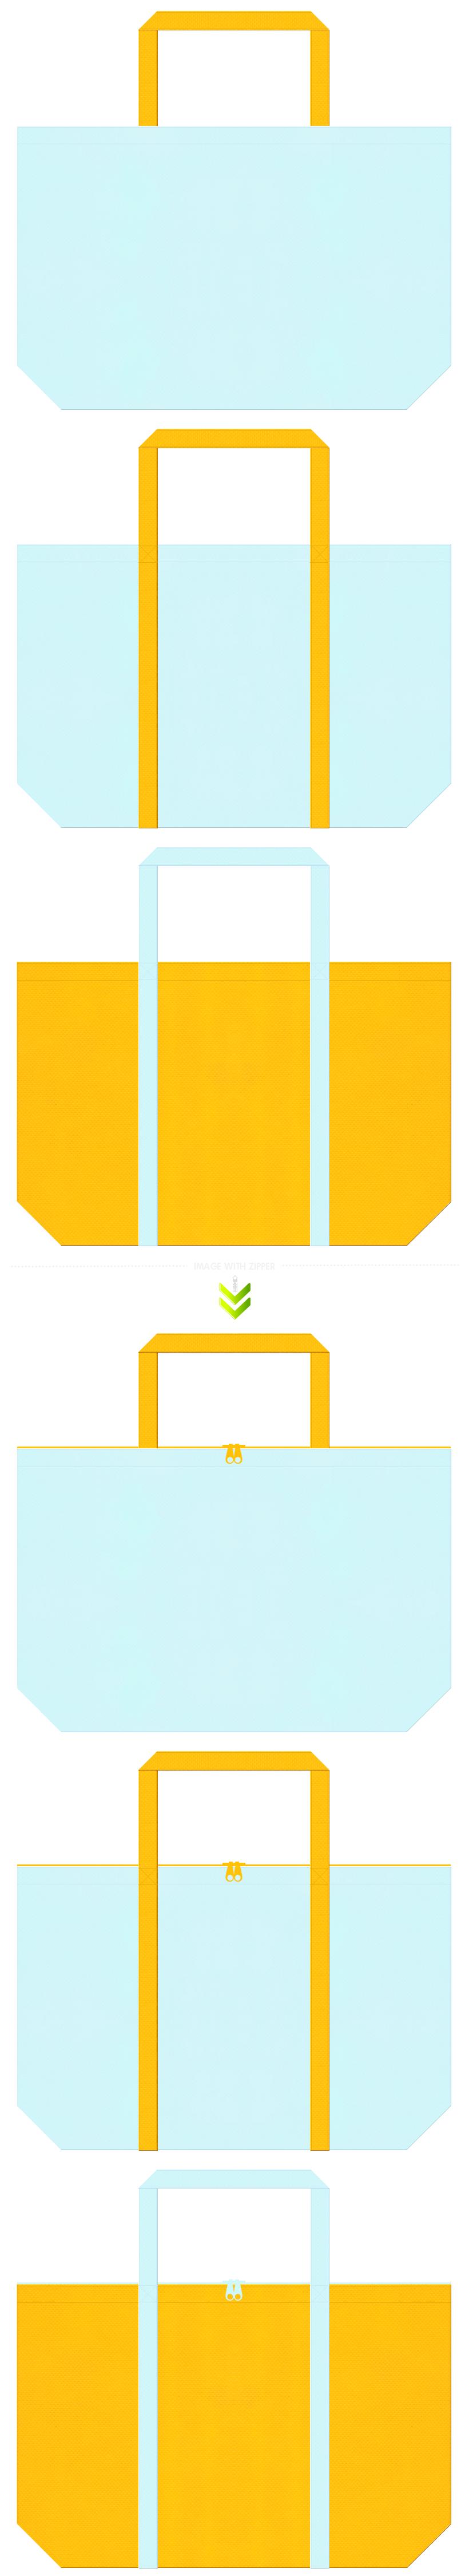 水色と黄色の不織布エコバッグのデザイン。熱帯魚・トロピカルなイメージにお奨めです。